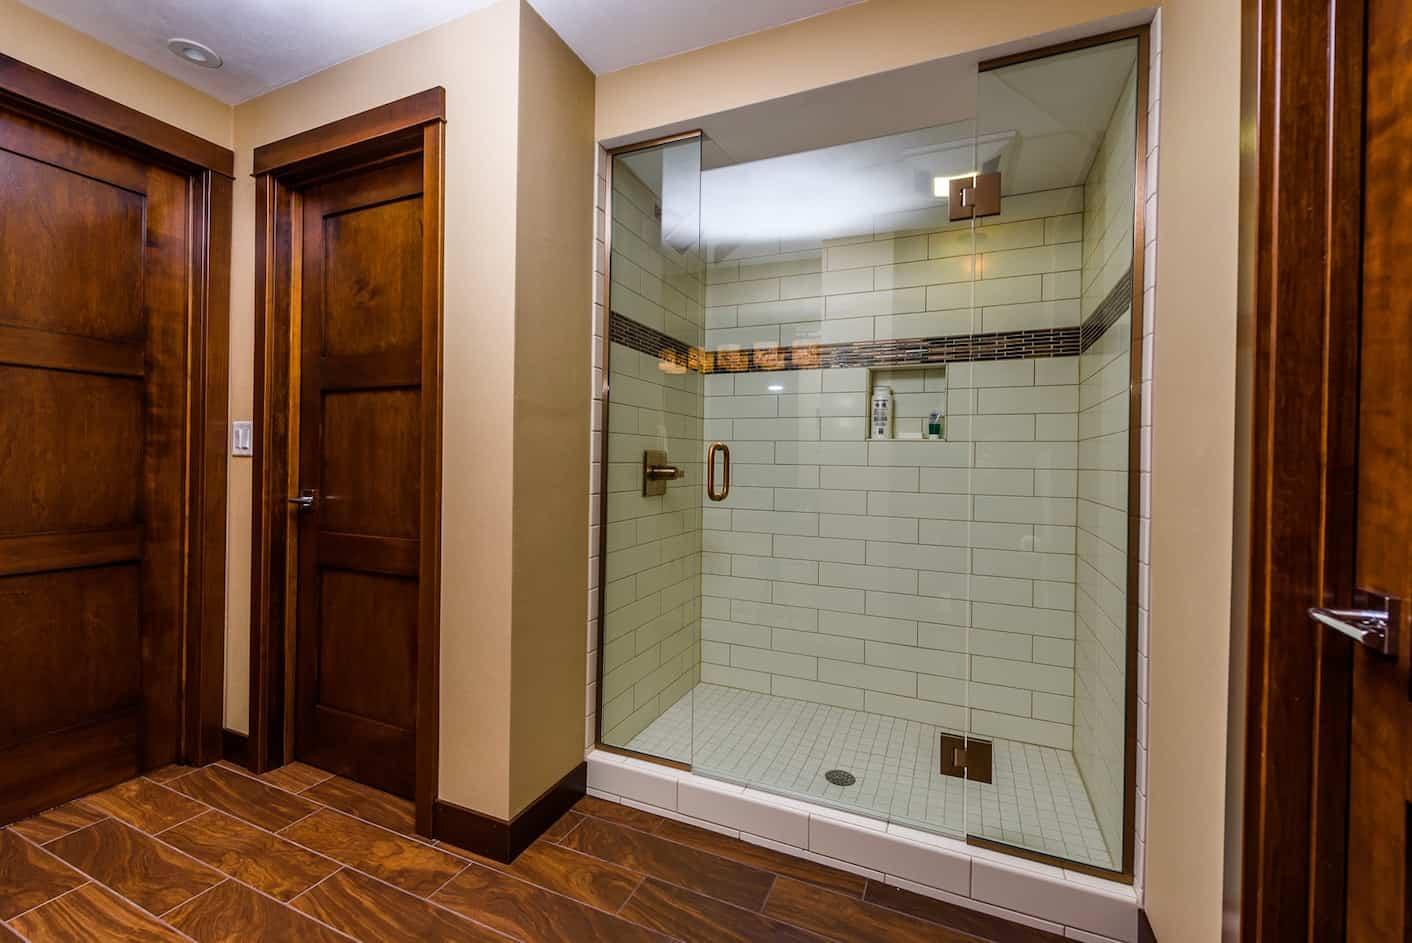 Shower Doors u0026 Enclosures & Residential Glass u0026 Door Services | Tri City Glass u0026 Door